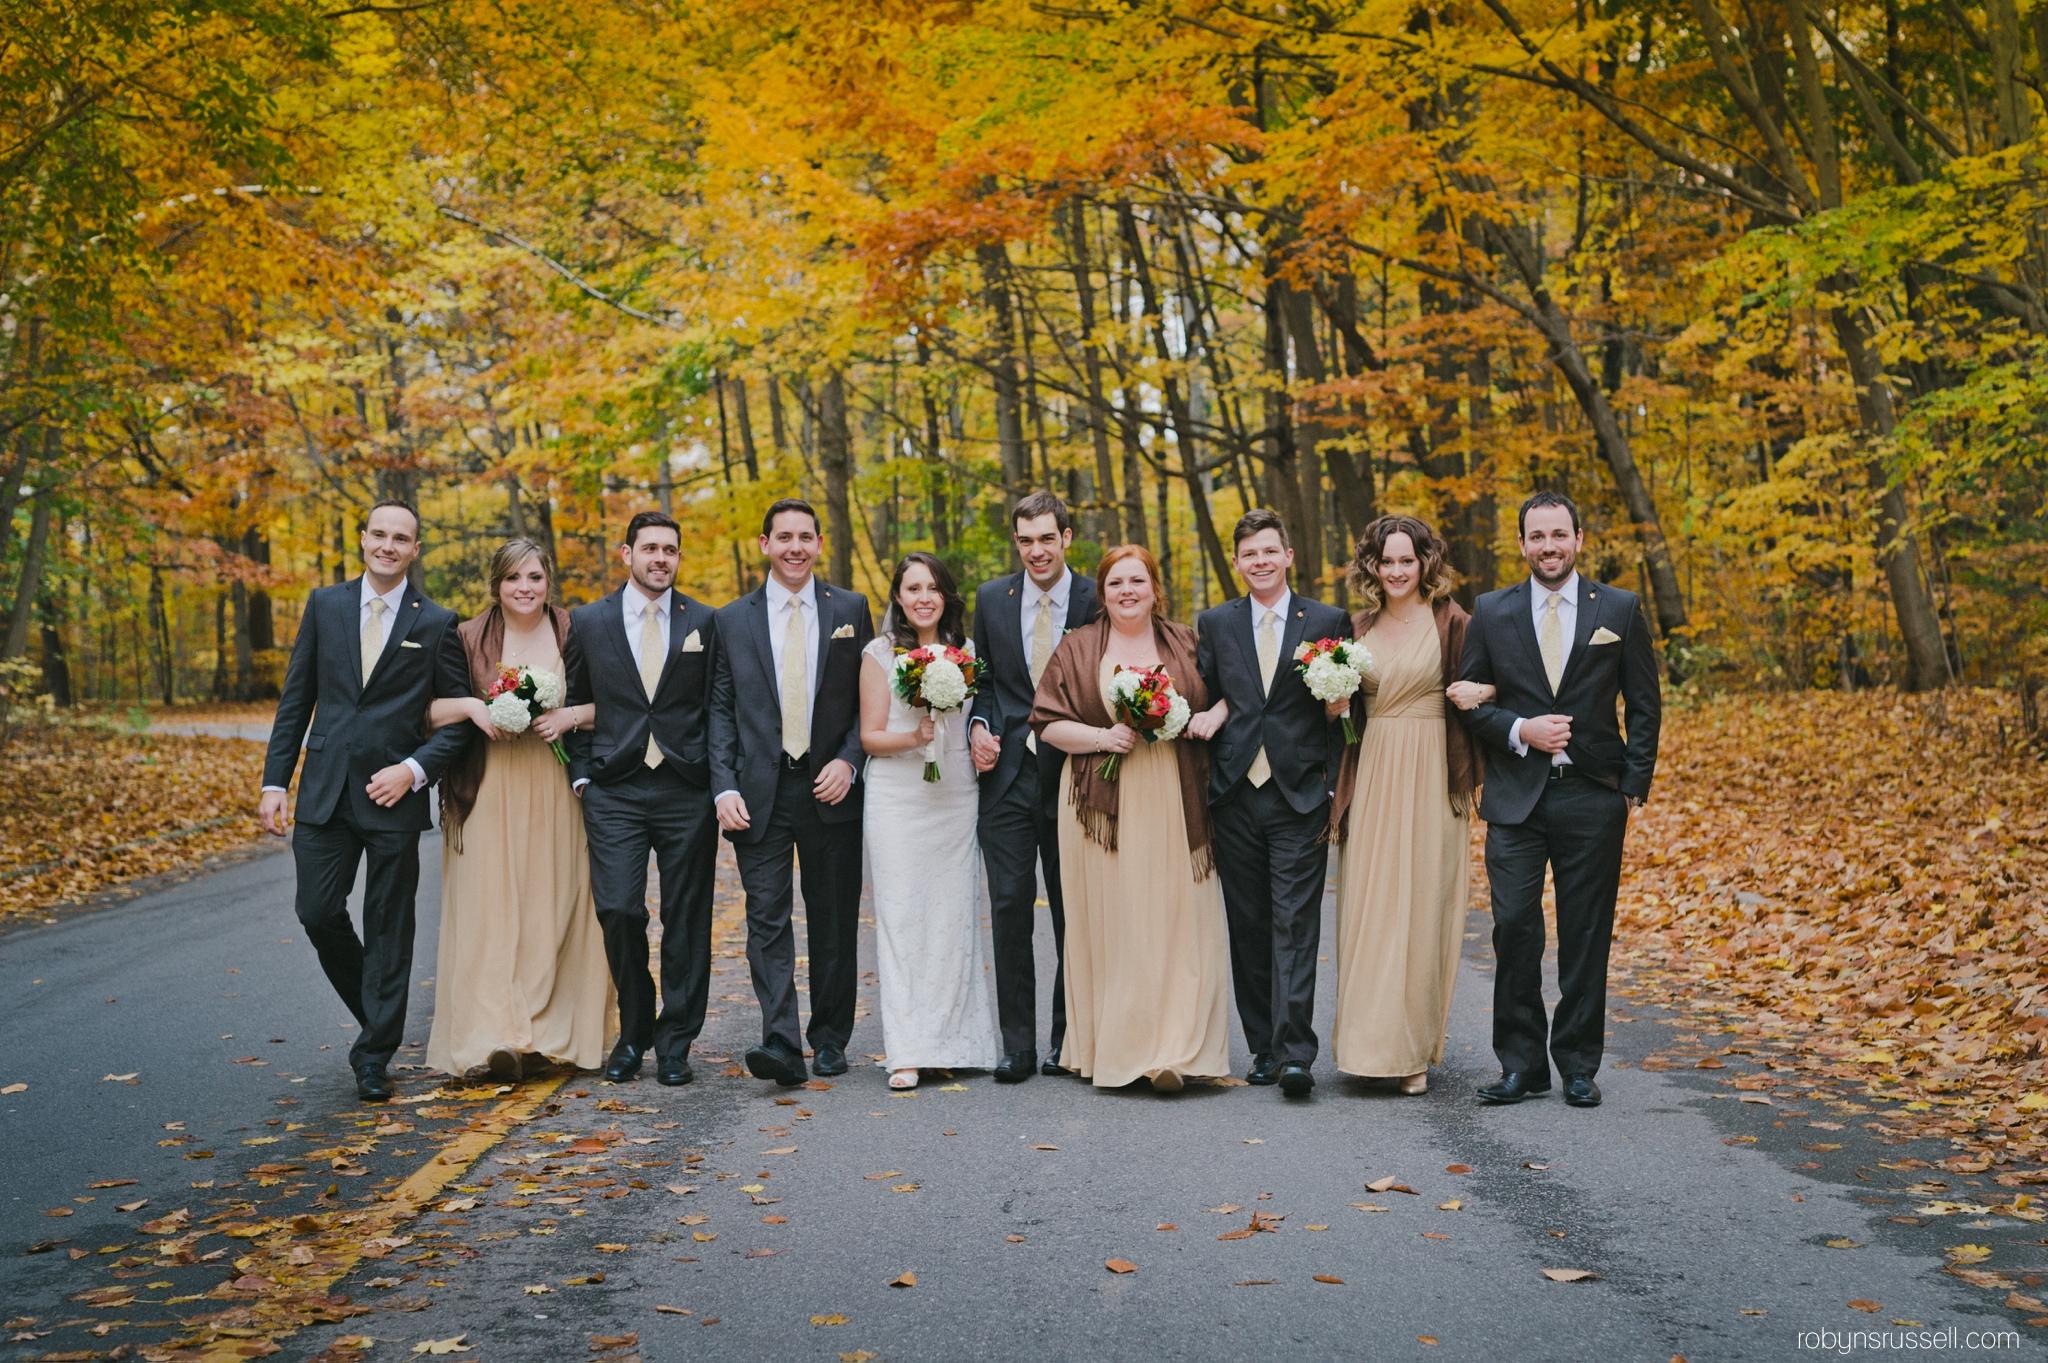 43-bridal-party-fall-wedding-canada.jpg